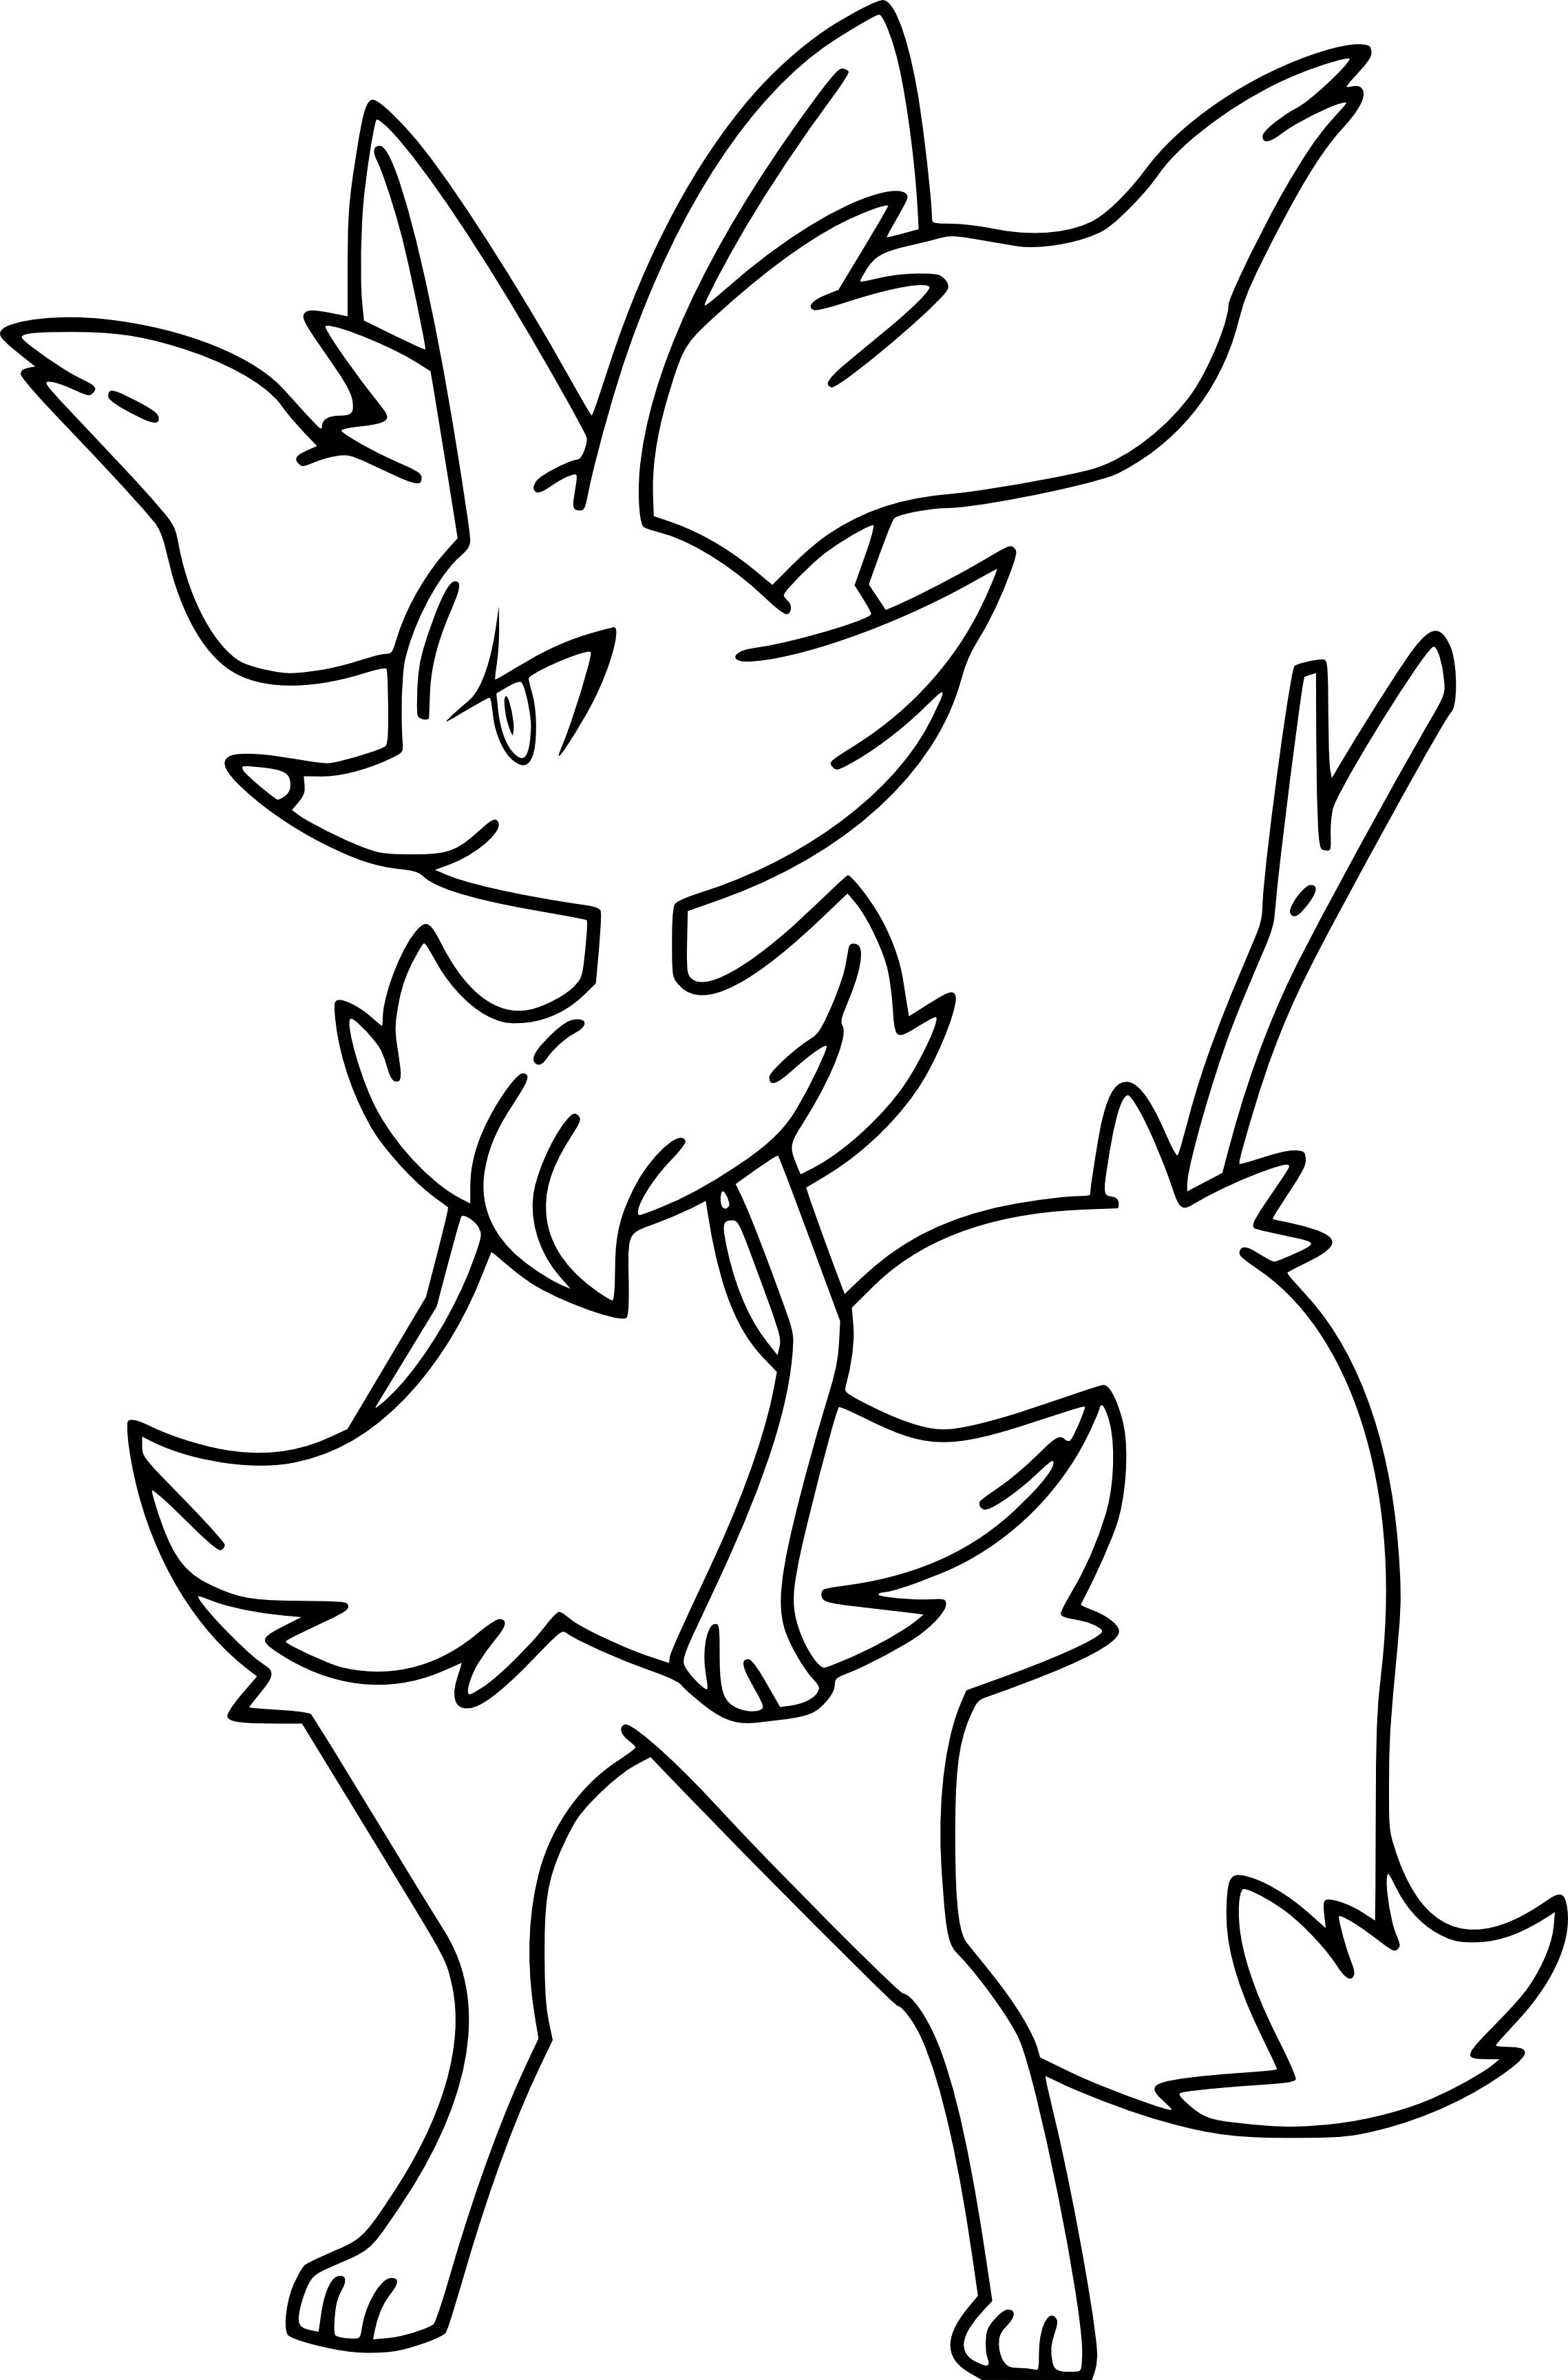 Belle coloriage pokemon dresseur de rousil - Coloriage pokemon imprimer ...